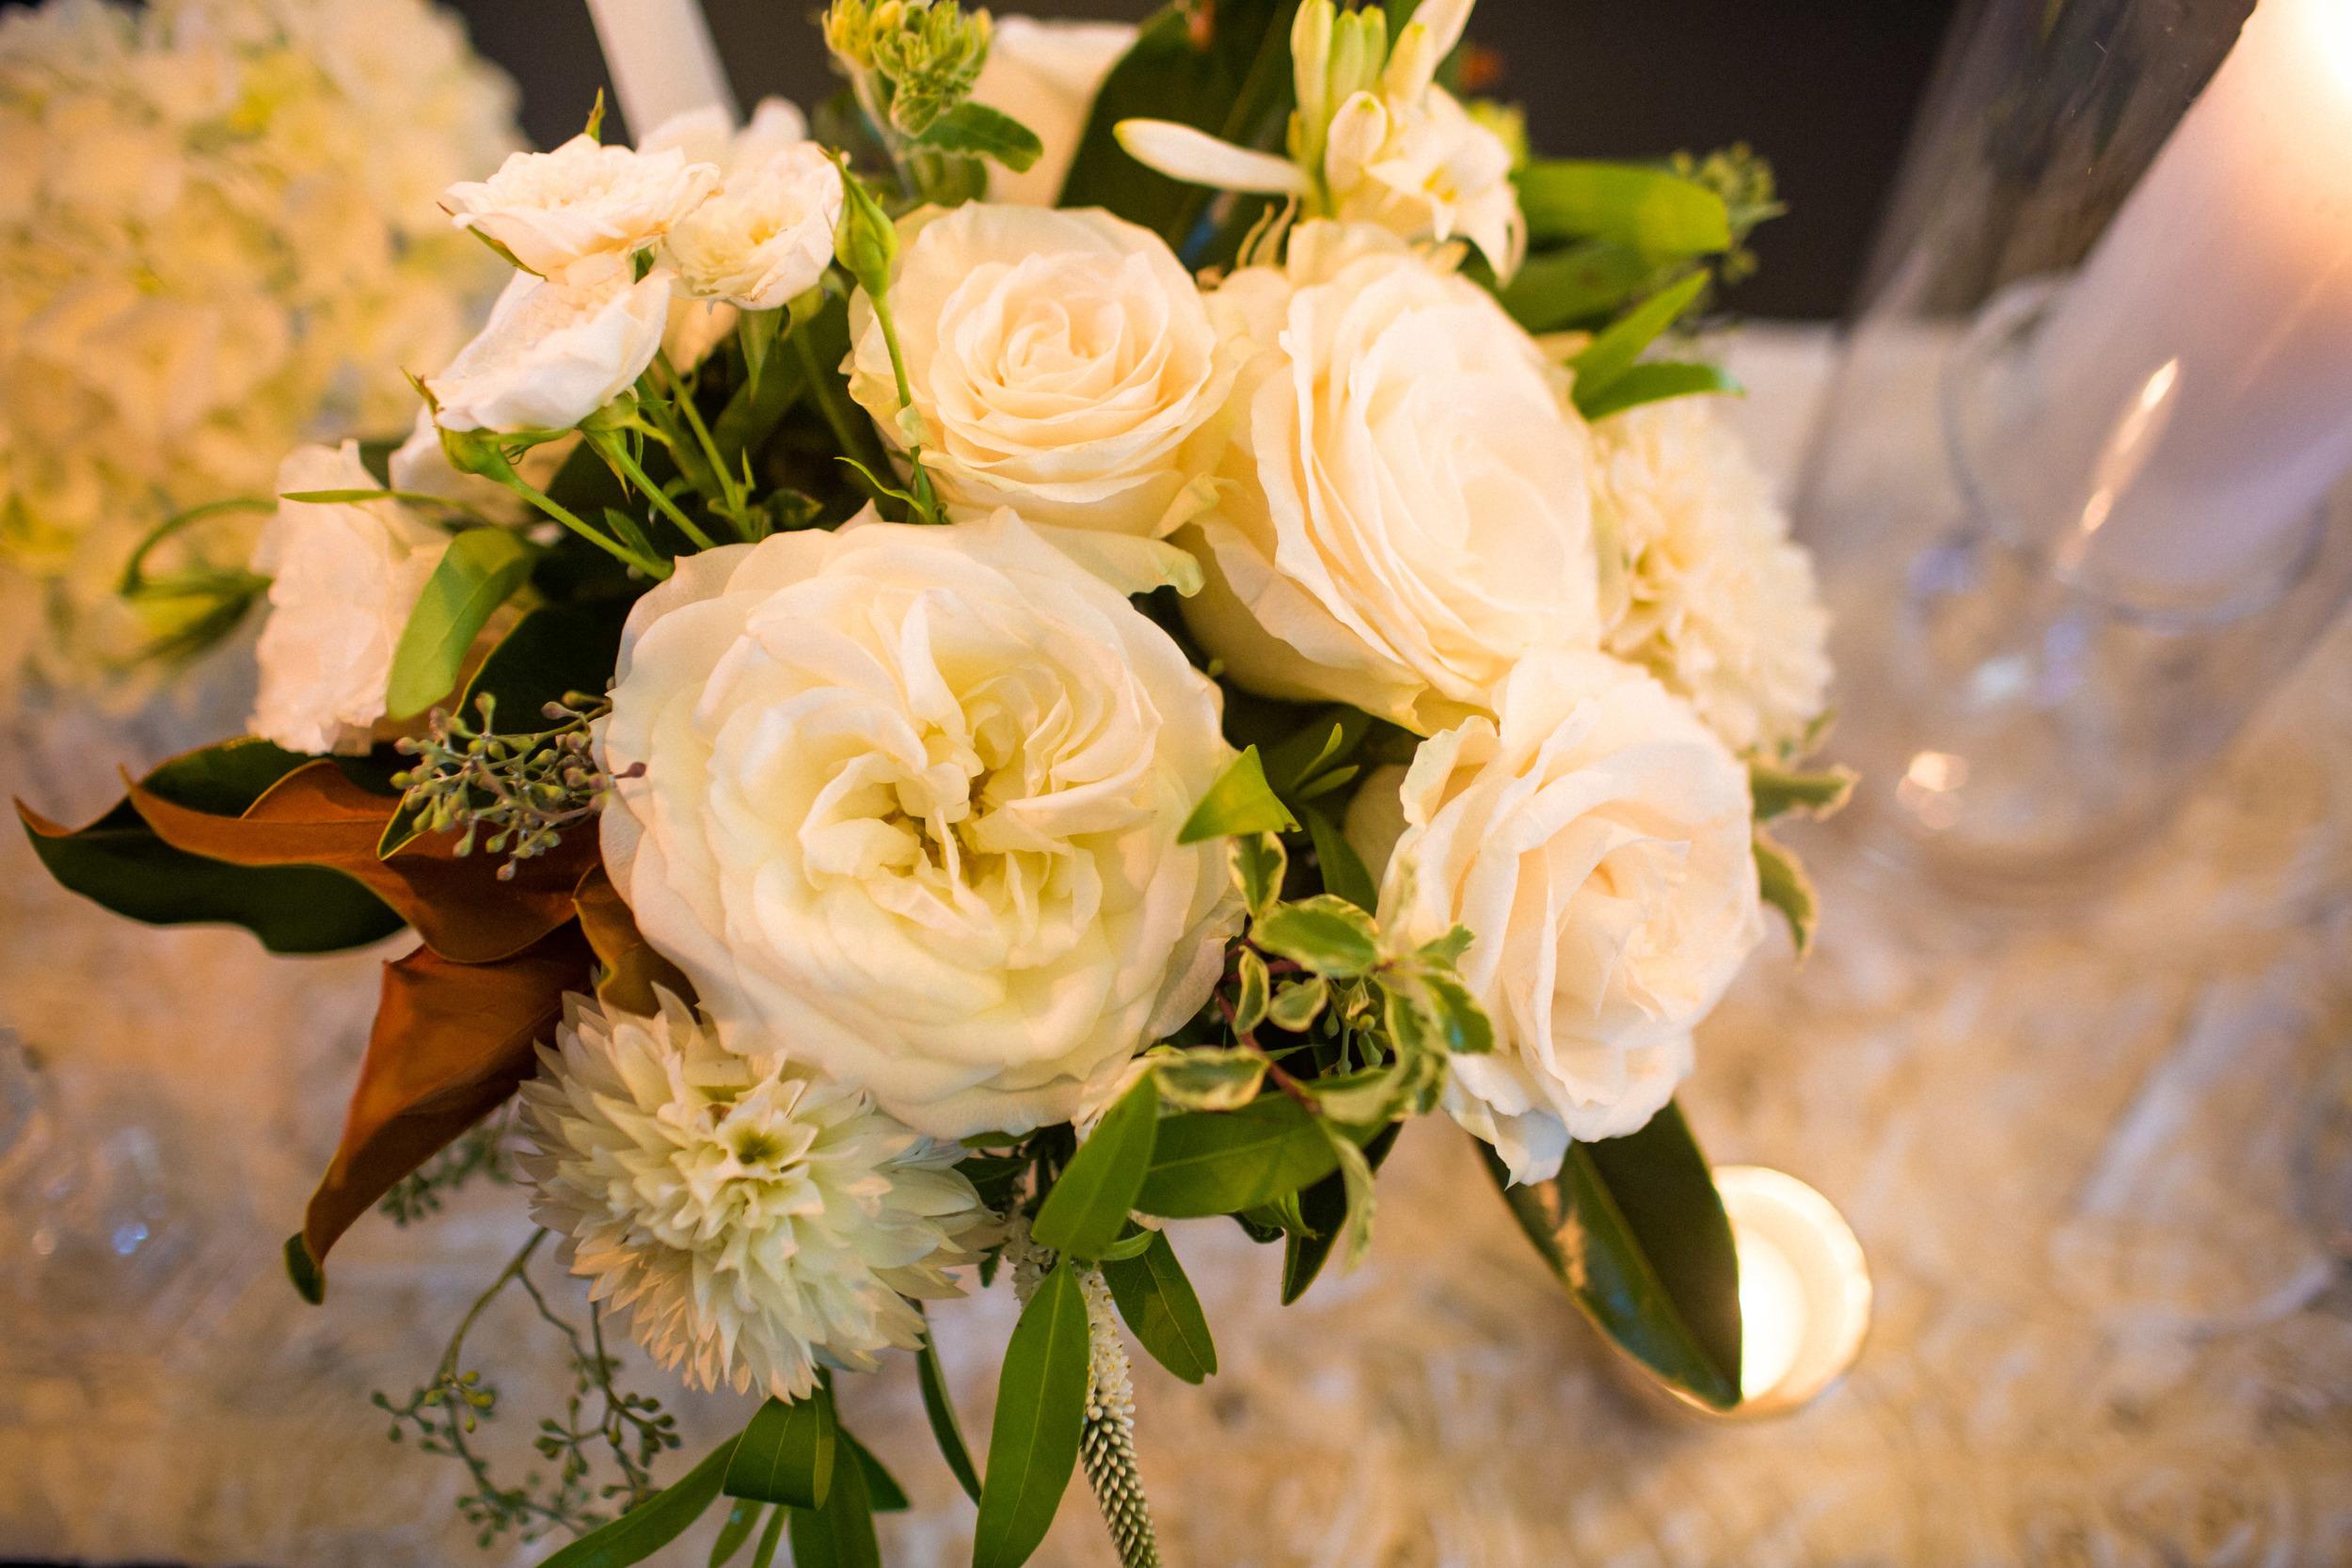 ashley_john-wedding-080815-426.jpg